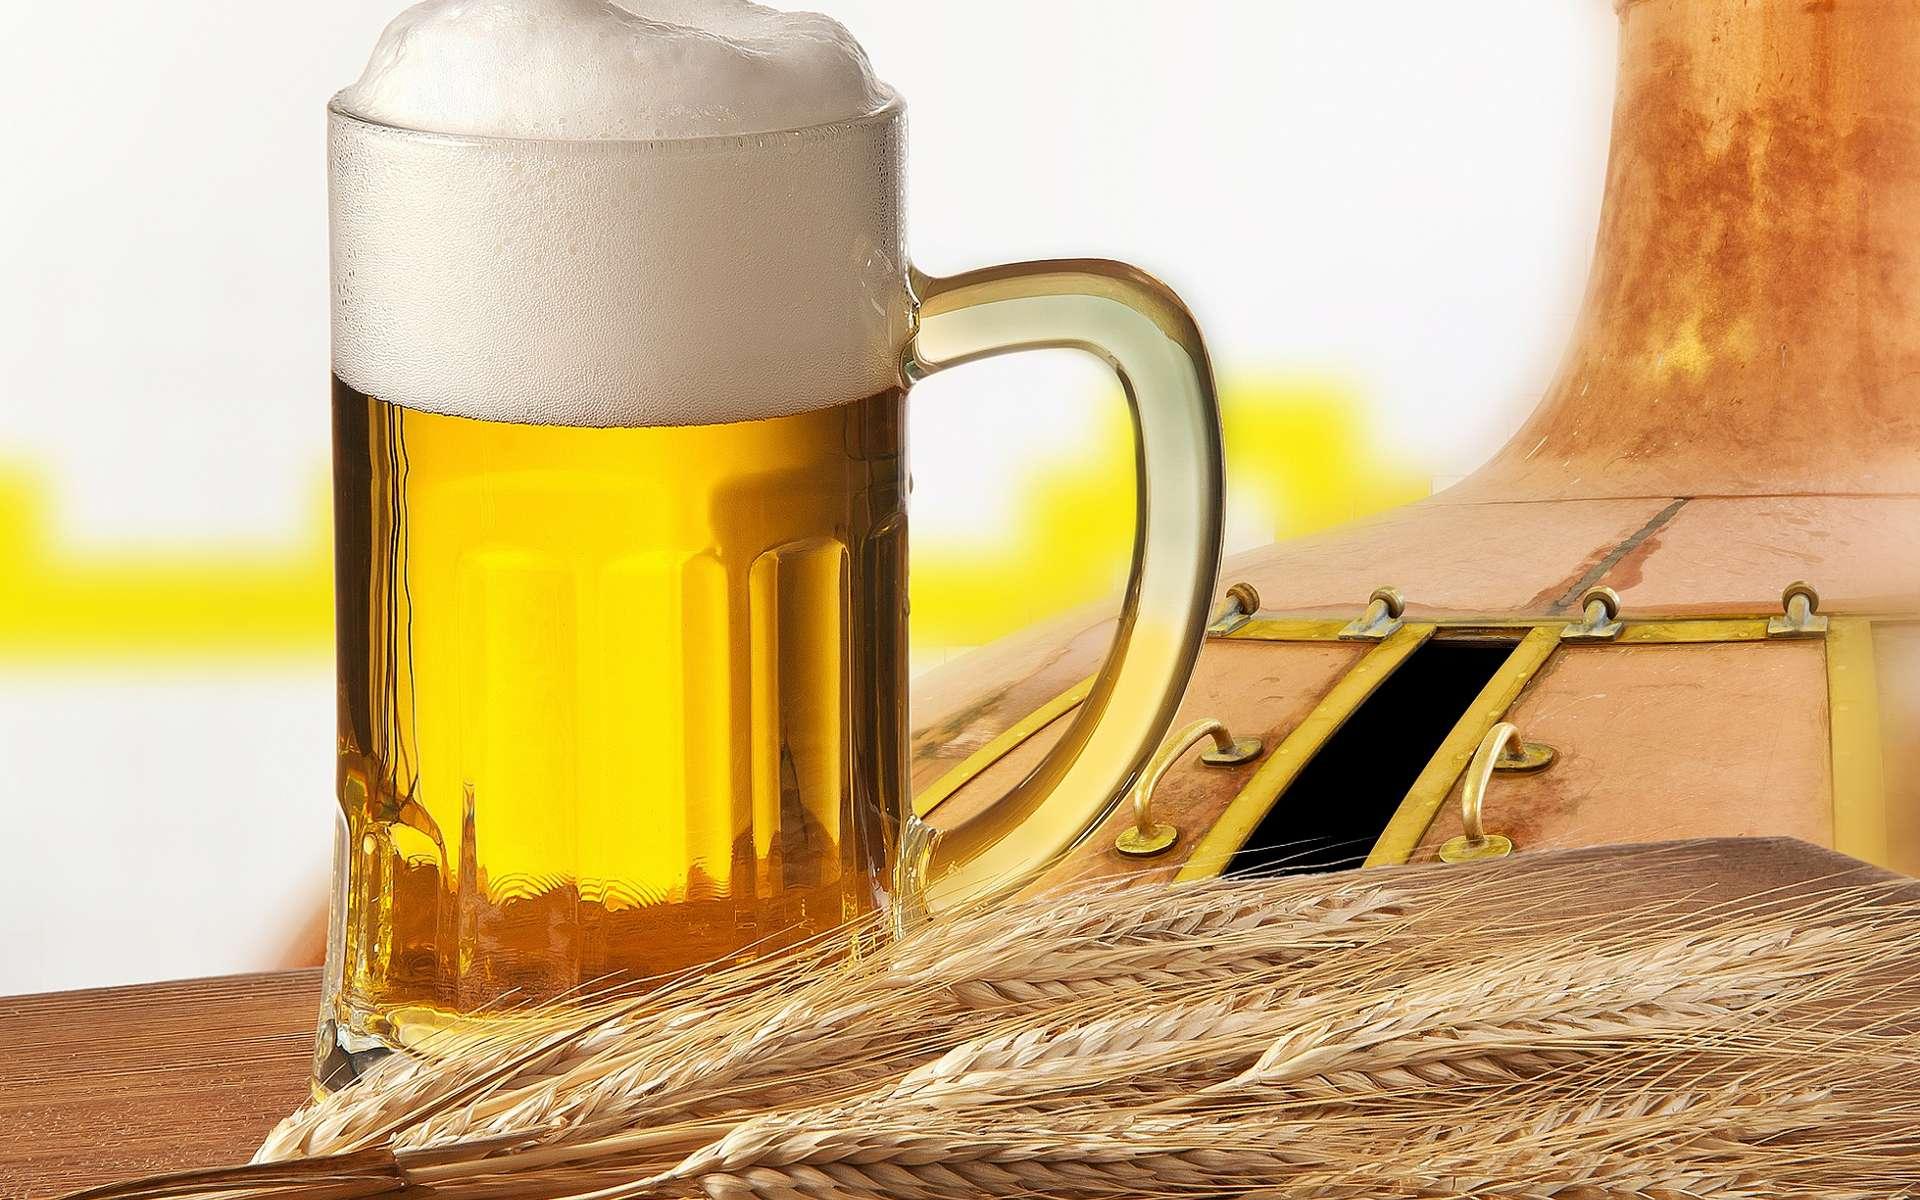 La recette de bière chinoise utilisée à Mijiaya a plus de 5.000 ans et comprenait déjà de l'orge. © Vaclav Mach, Shutterstock